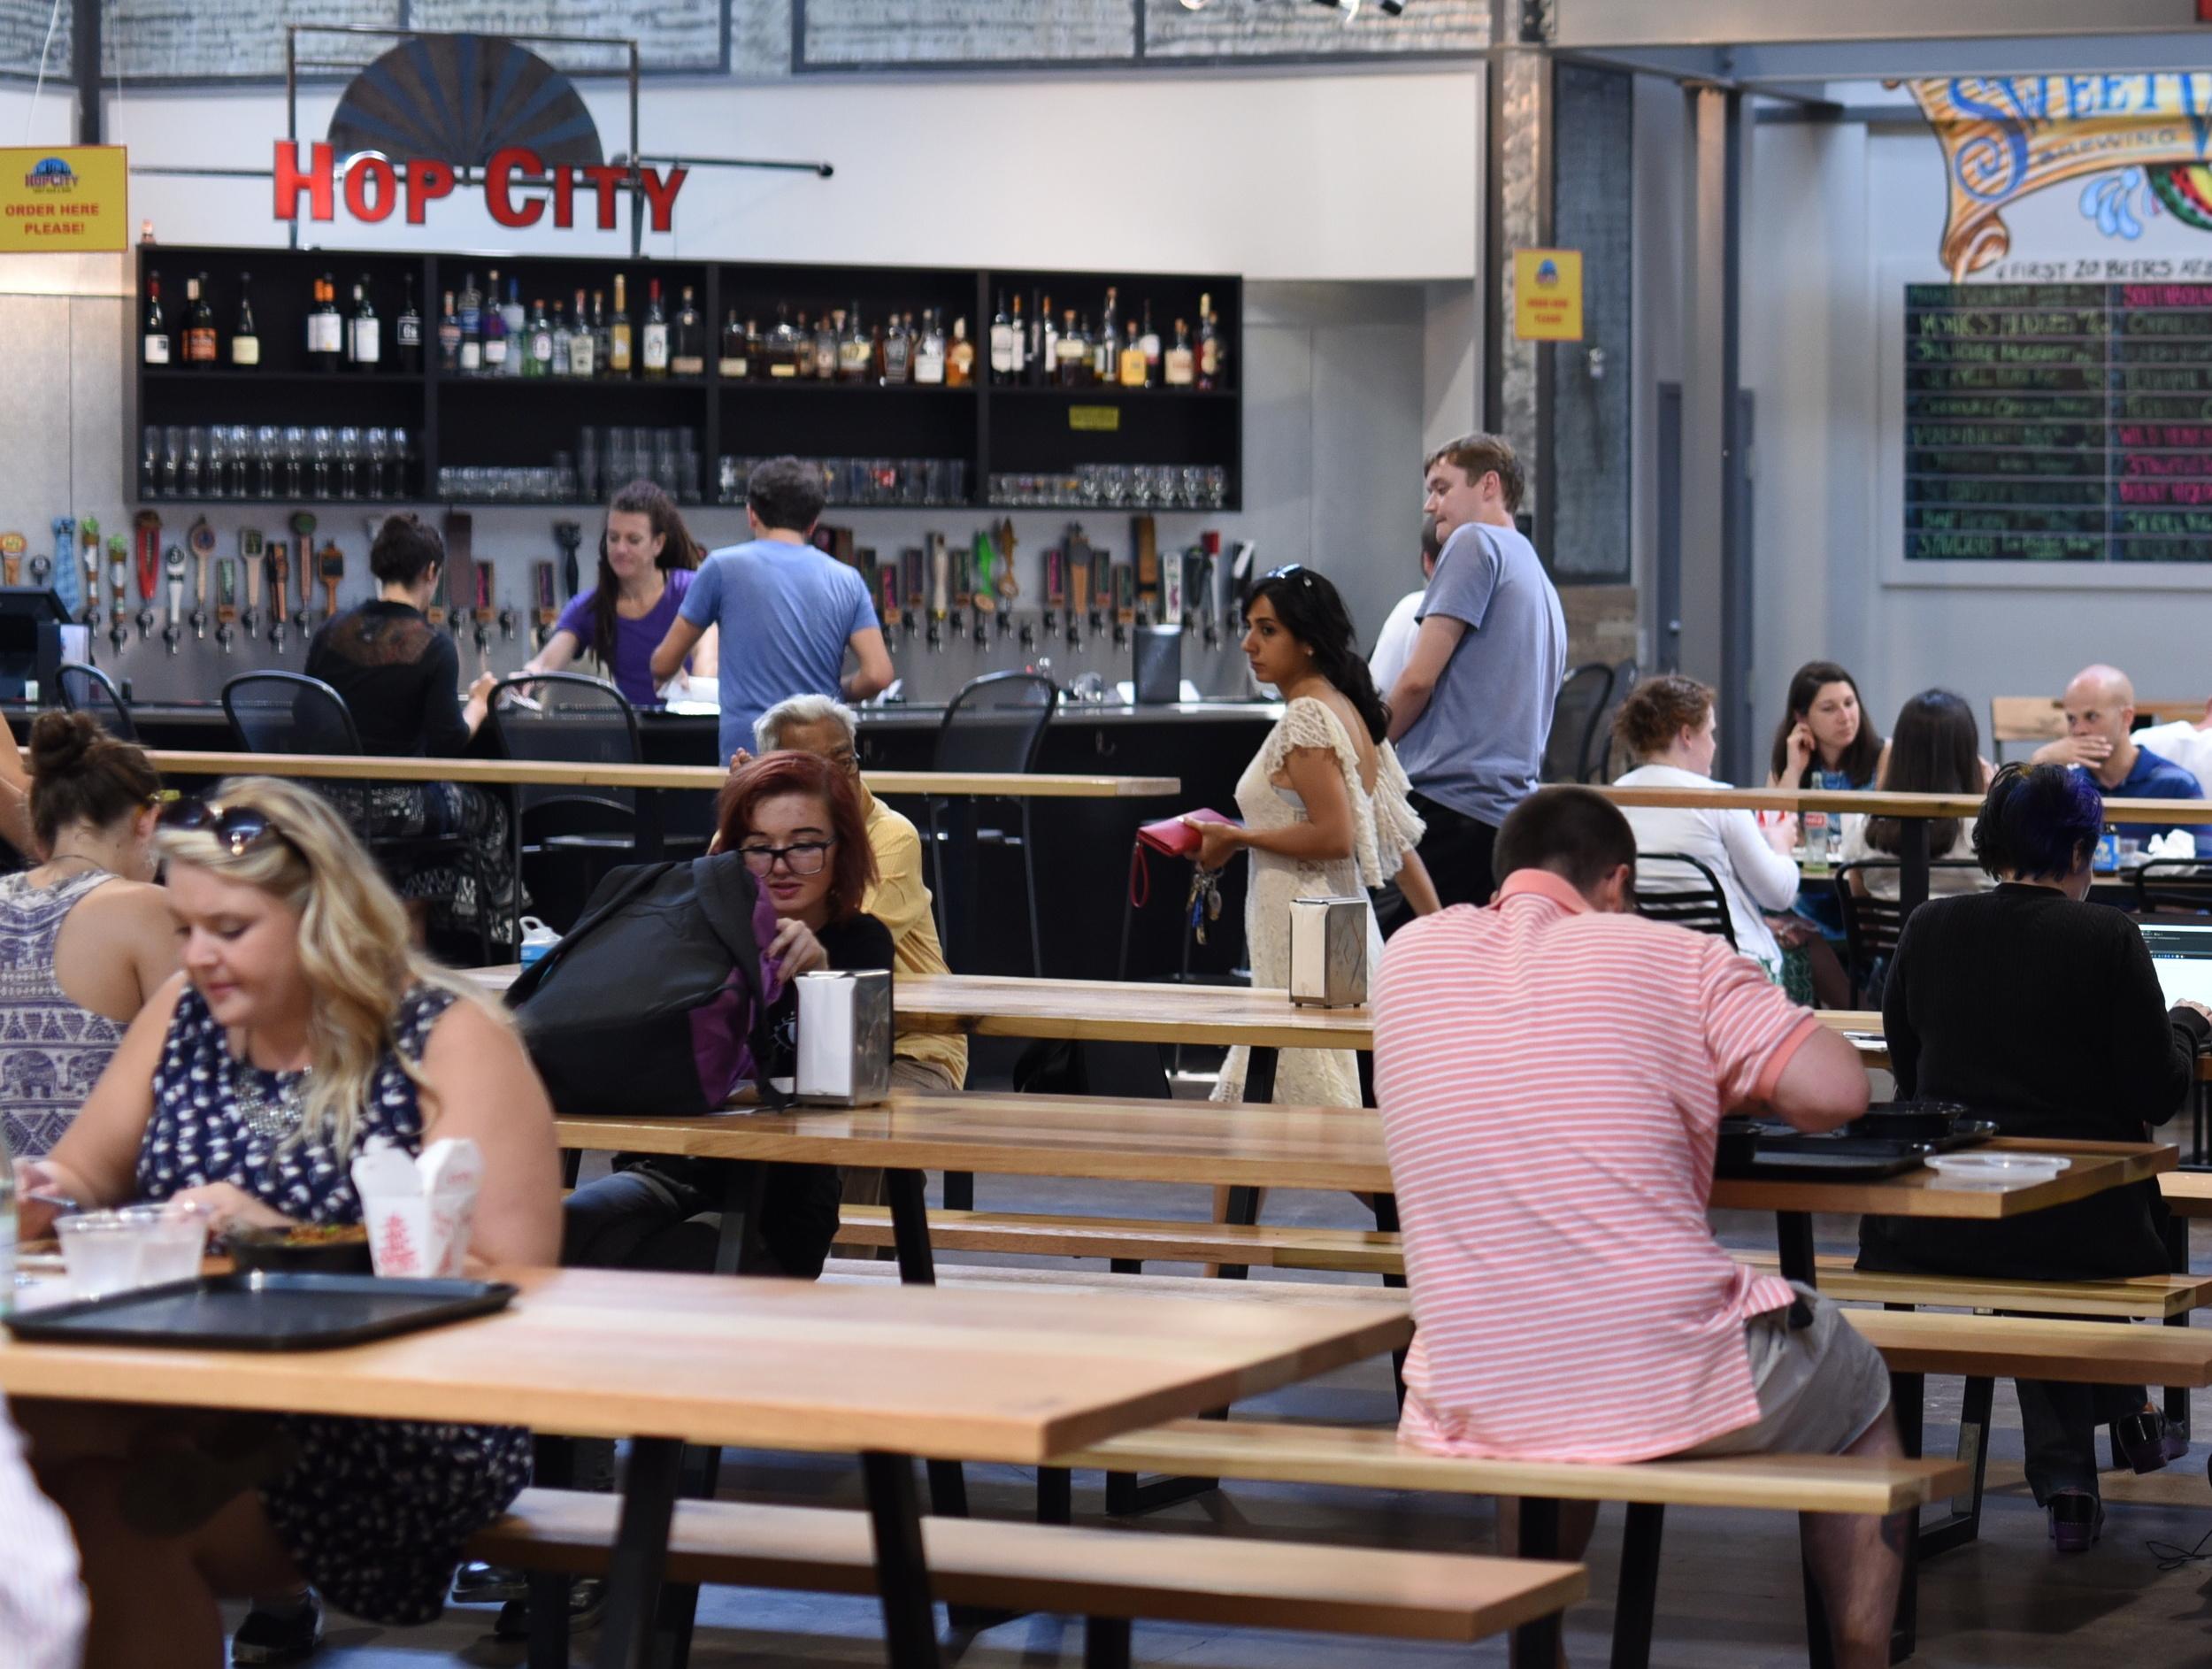 people-eating-at-krog-street-market.jpg